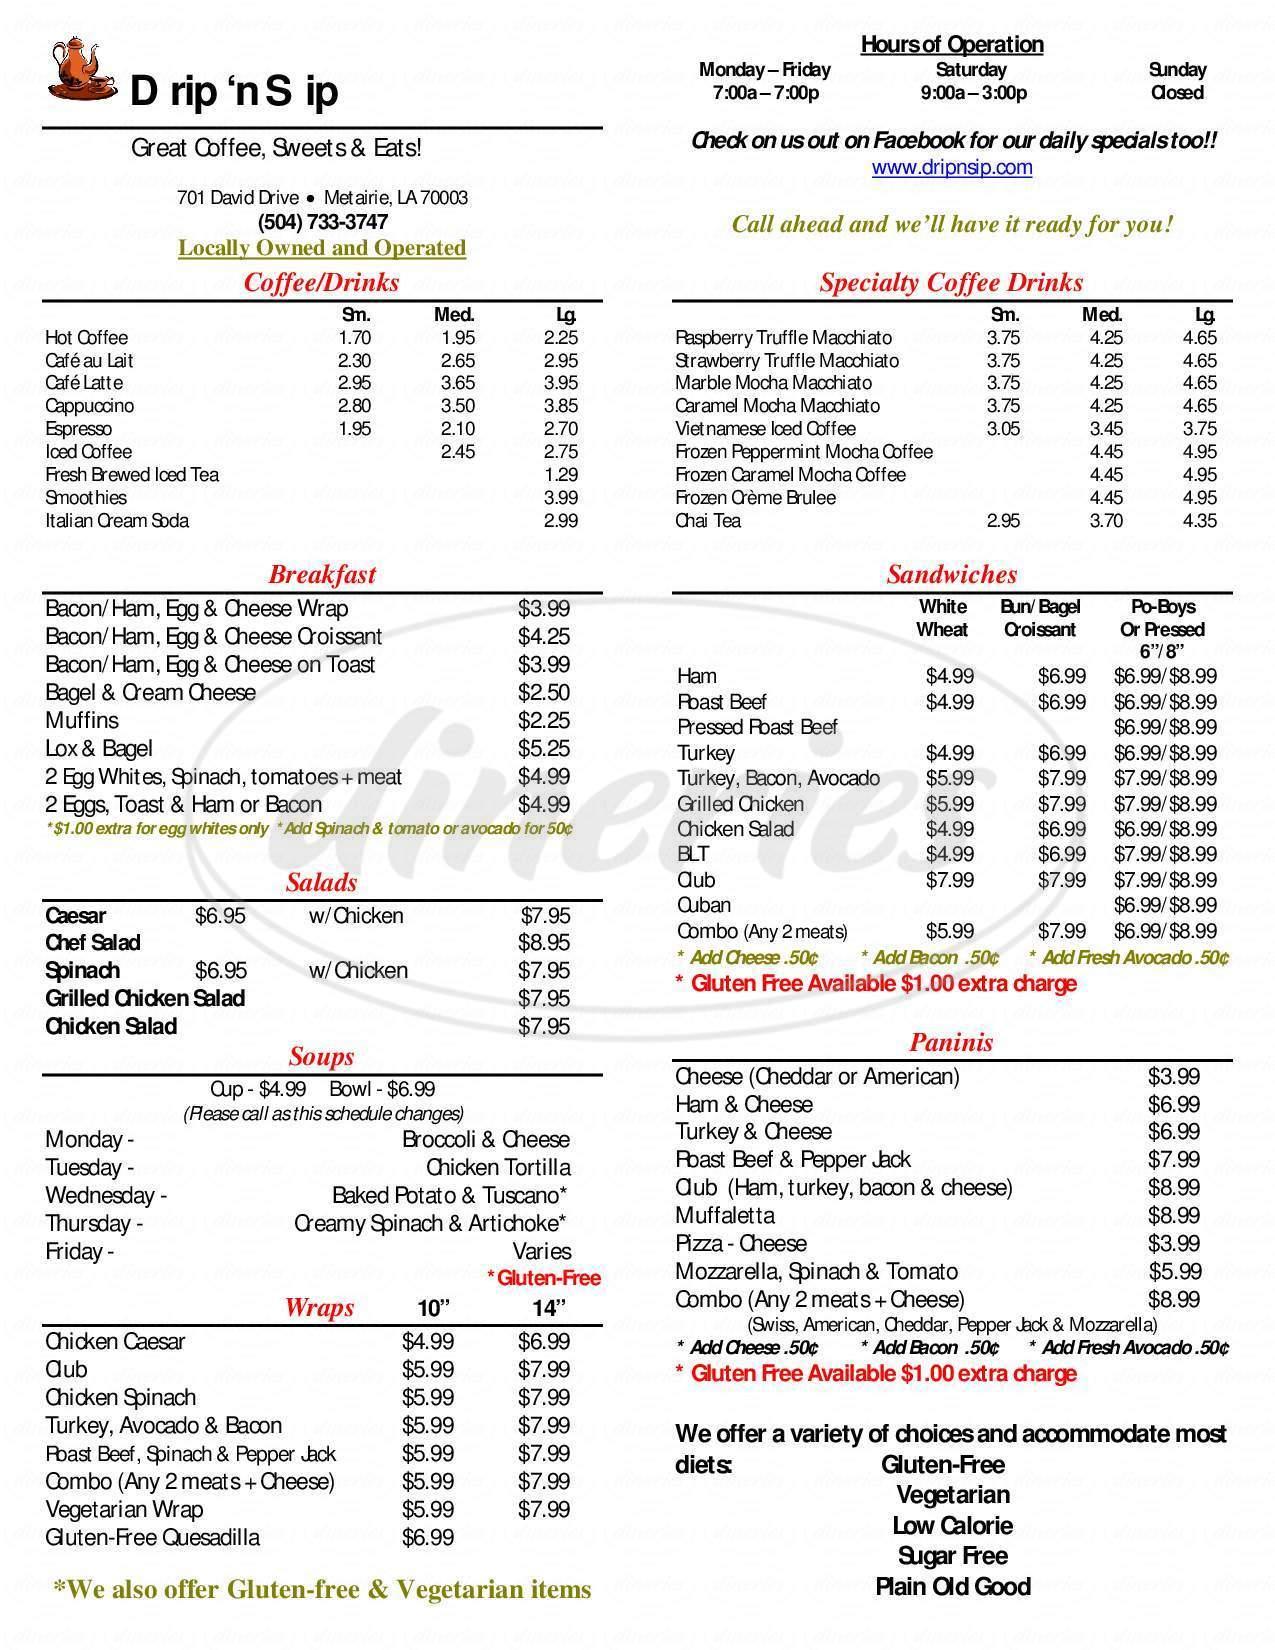 menu for Drip 'n Sip